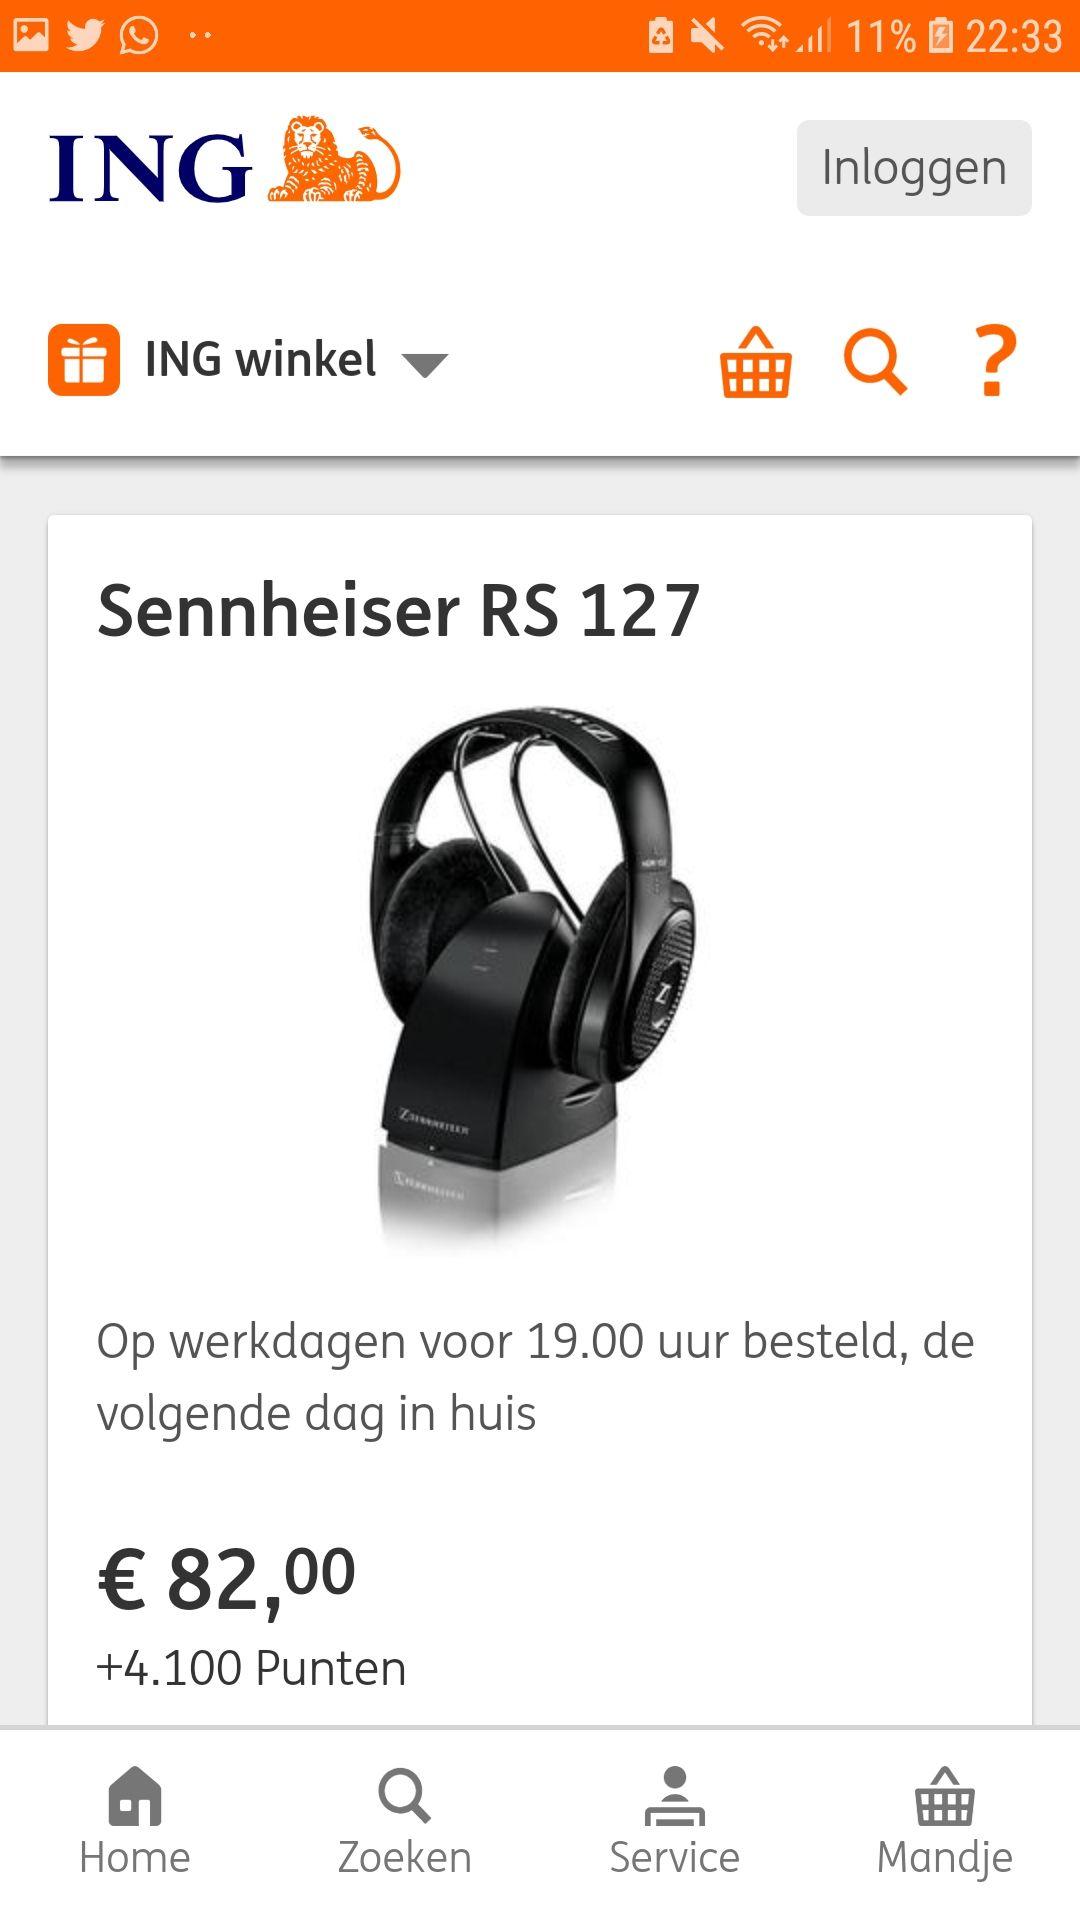 Sennheiser RS127 ING WINKEL